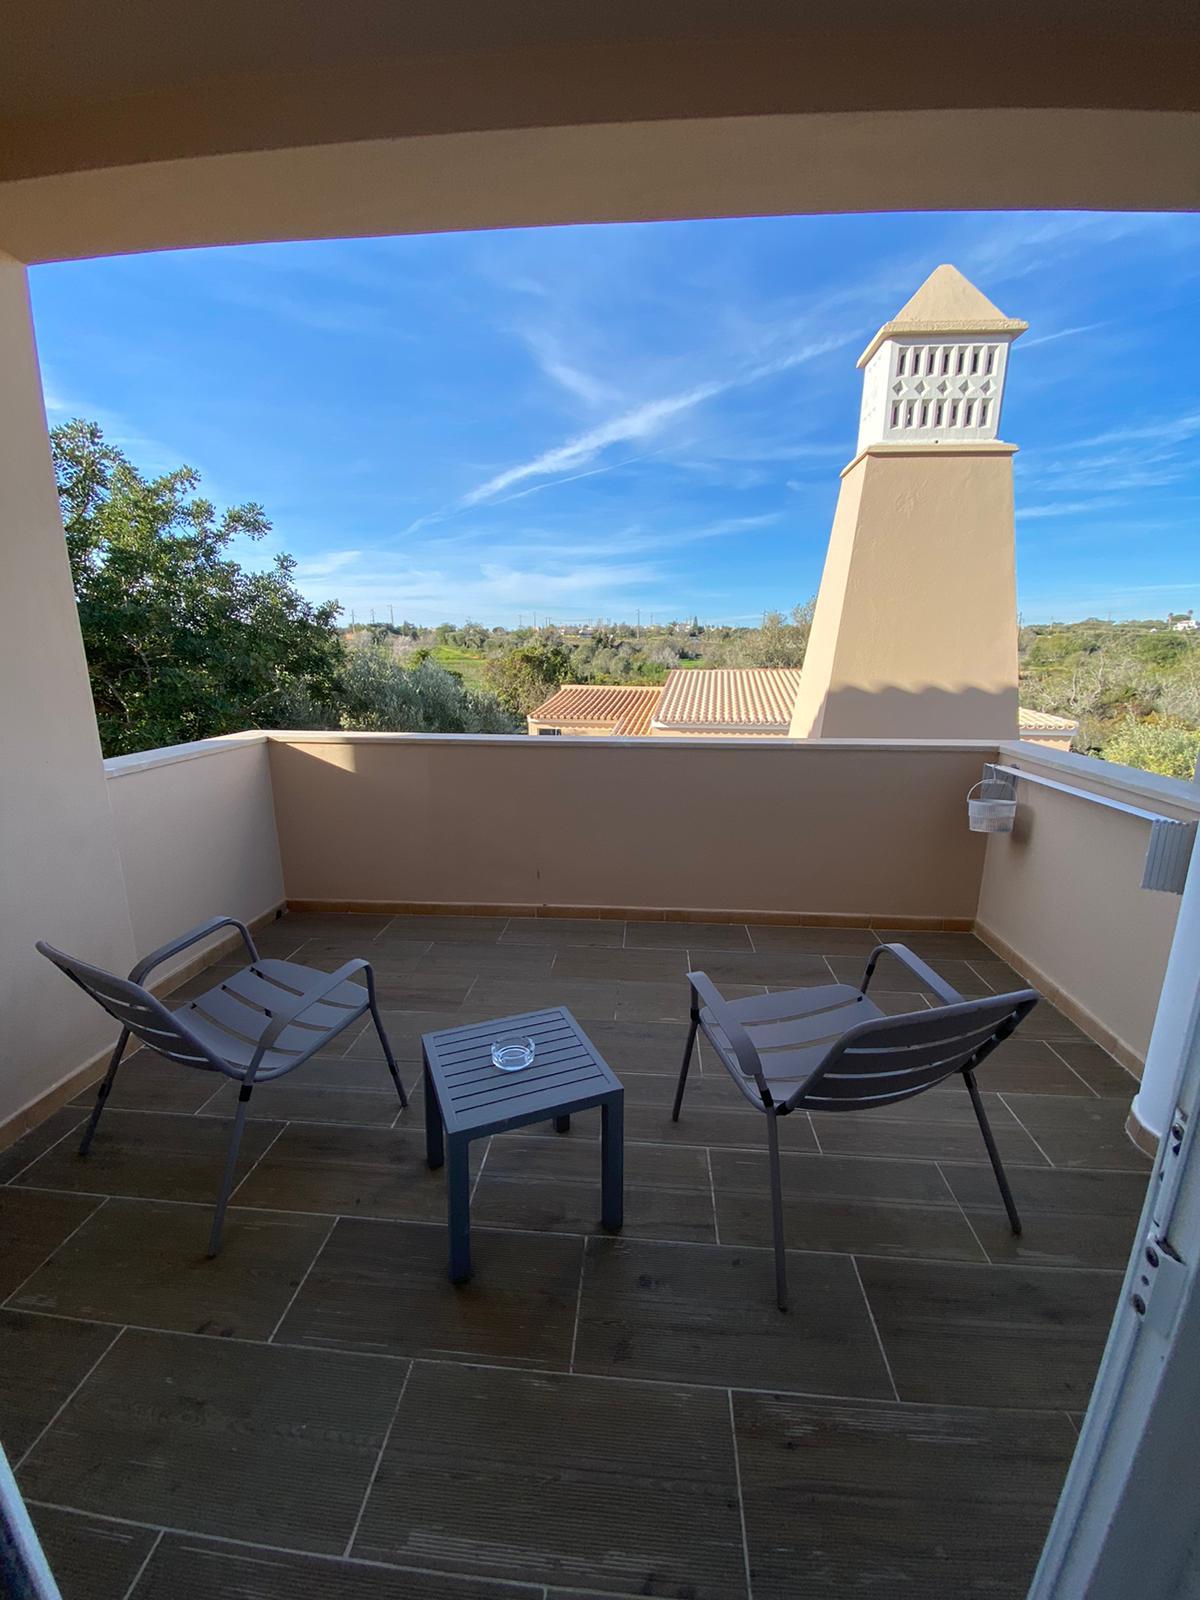 Holiday apartments and villas for rent, Villa L'Estaque , chambres d'hôtes in Armação de Pêra, Portugal Algarve, REF_IMG_15648_15656